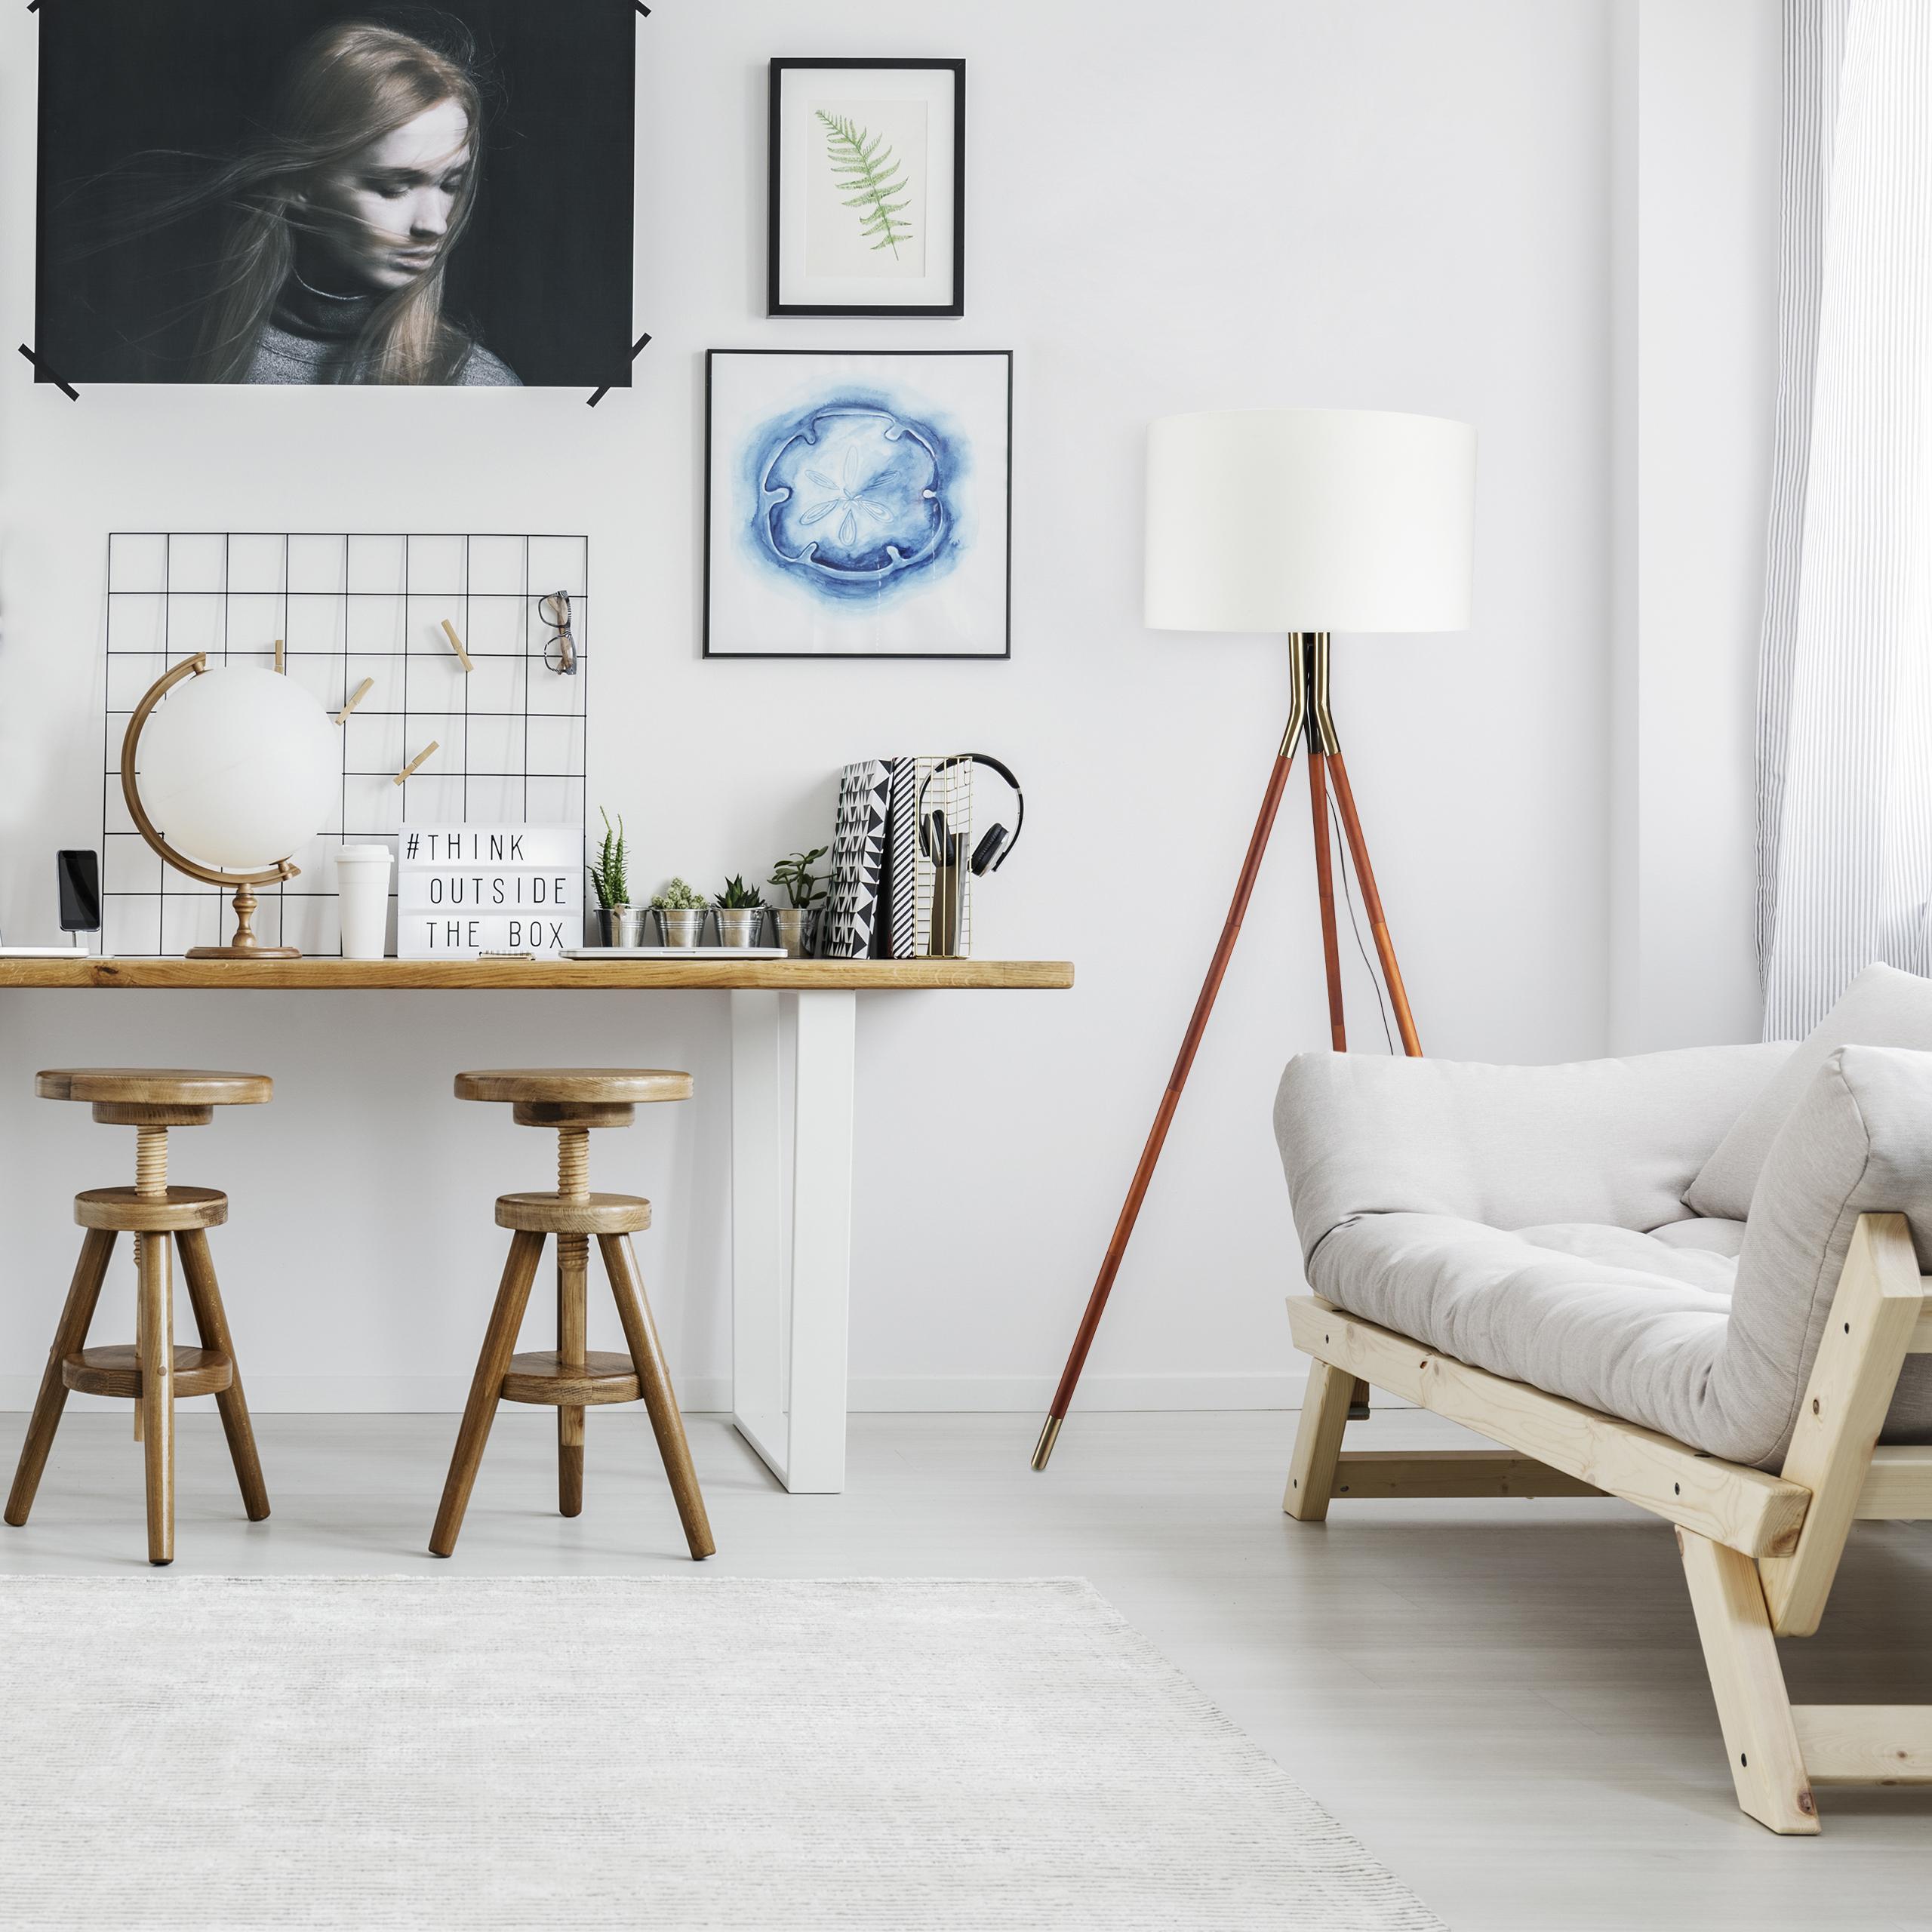 stehleuchte wohnzimmer 3beinig wohnzimmerlampe